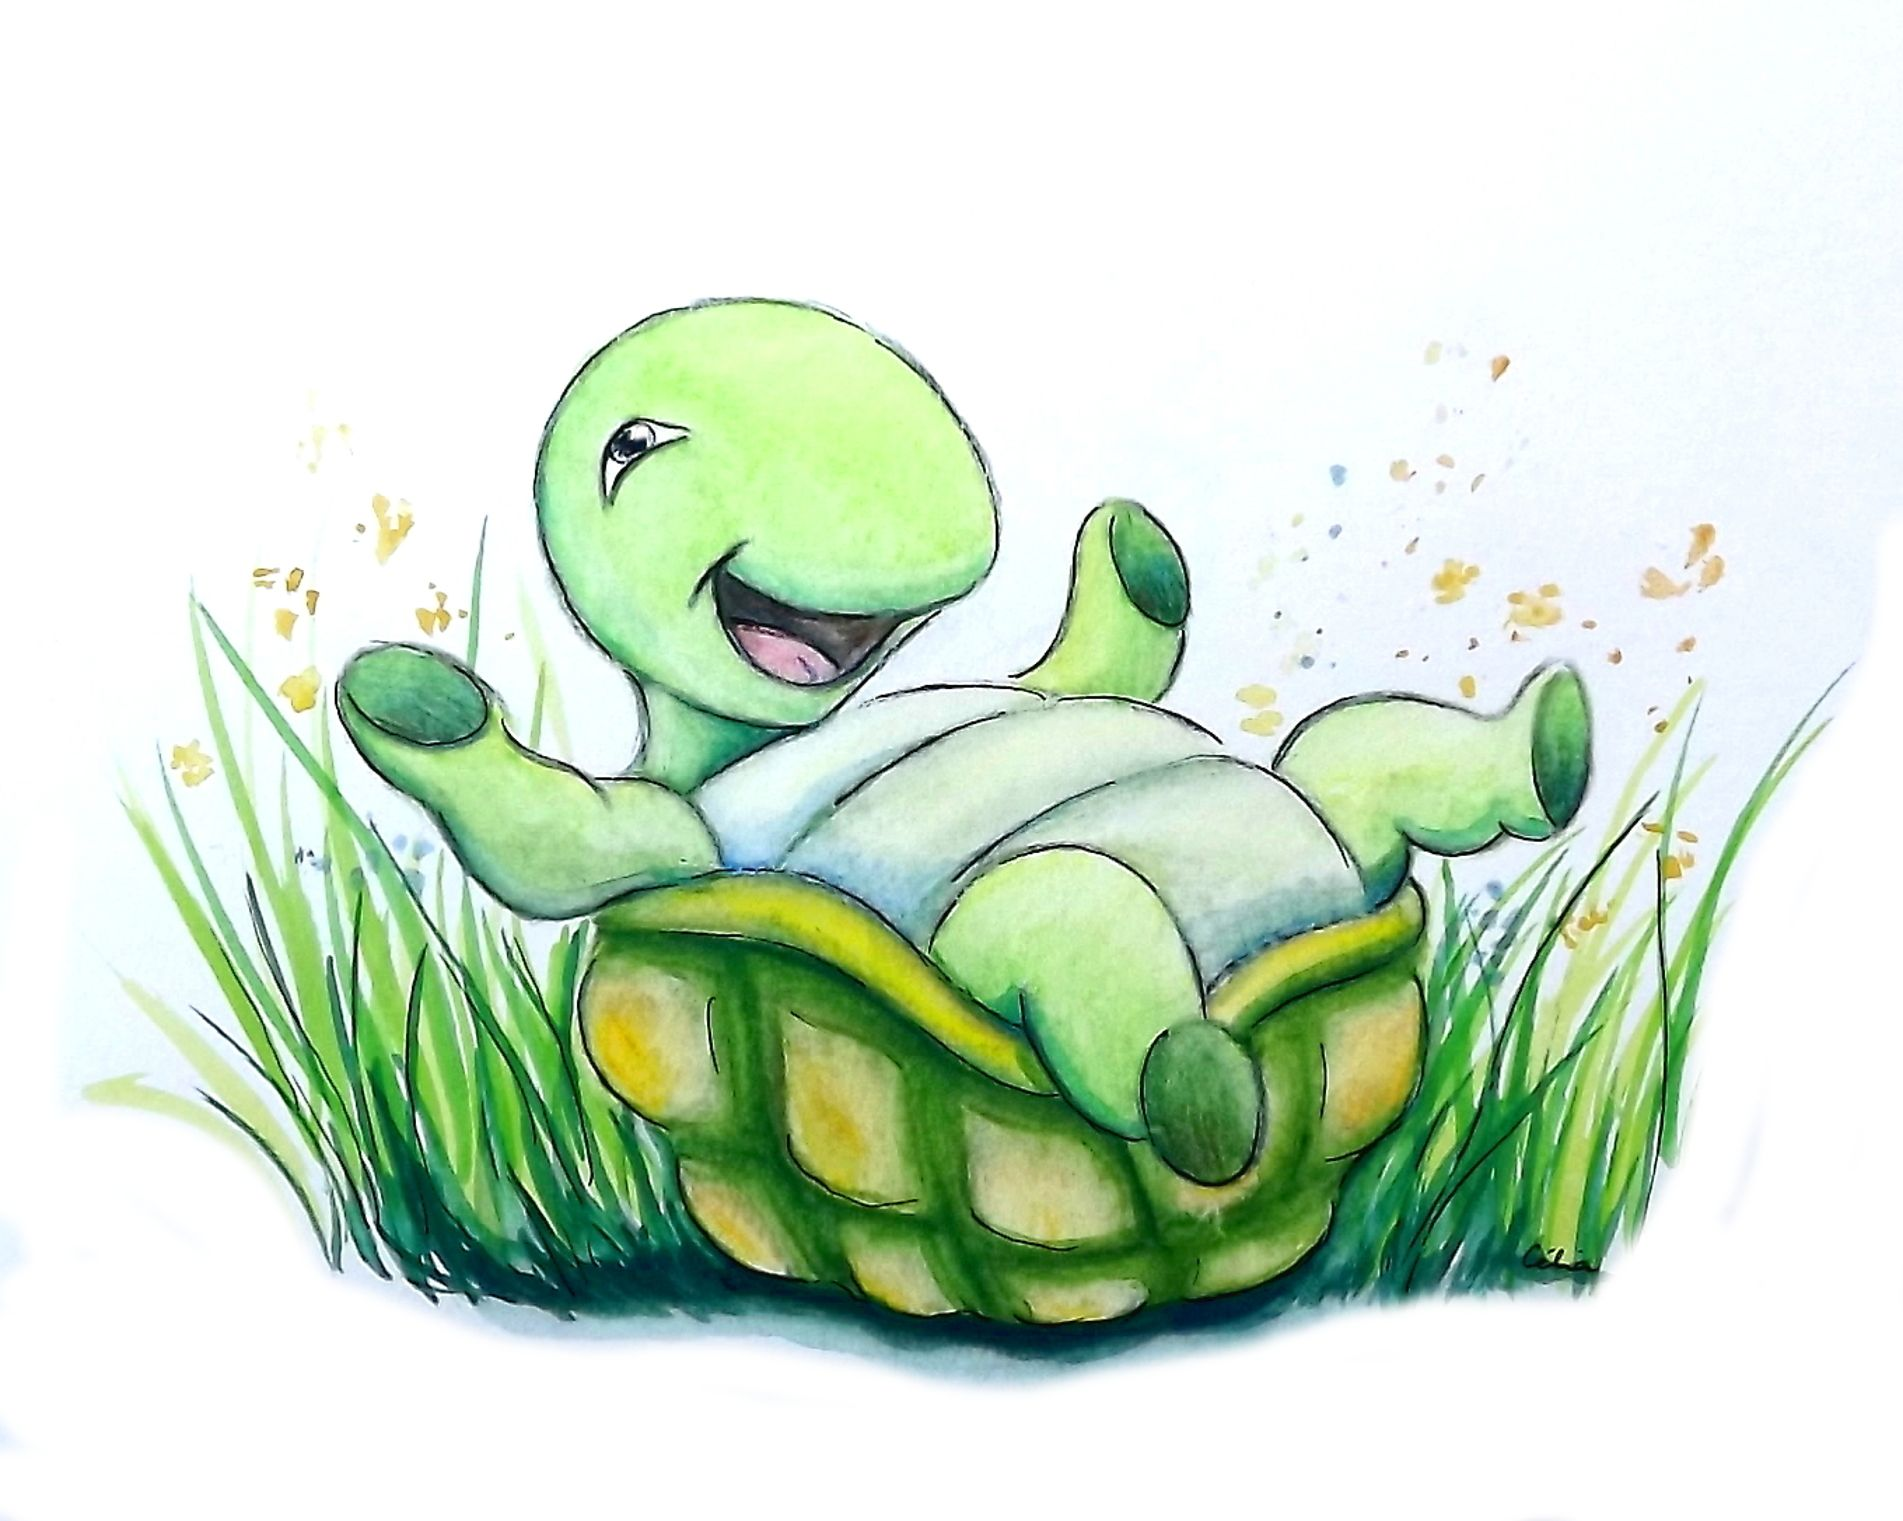 Griotte la tortue d couvrez l 39 histoire hilarante de - Image tortue rigolote ...